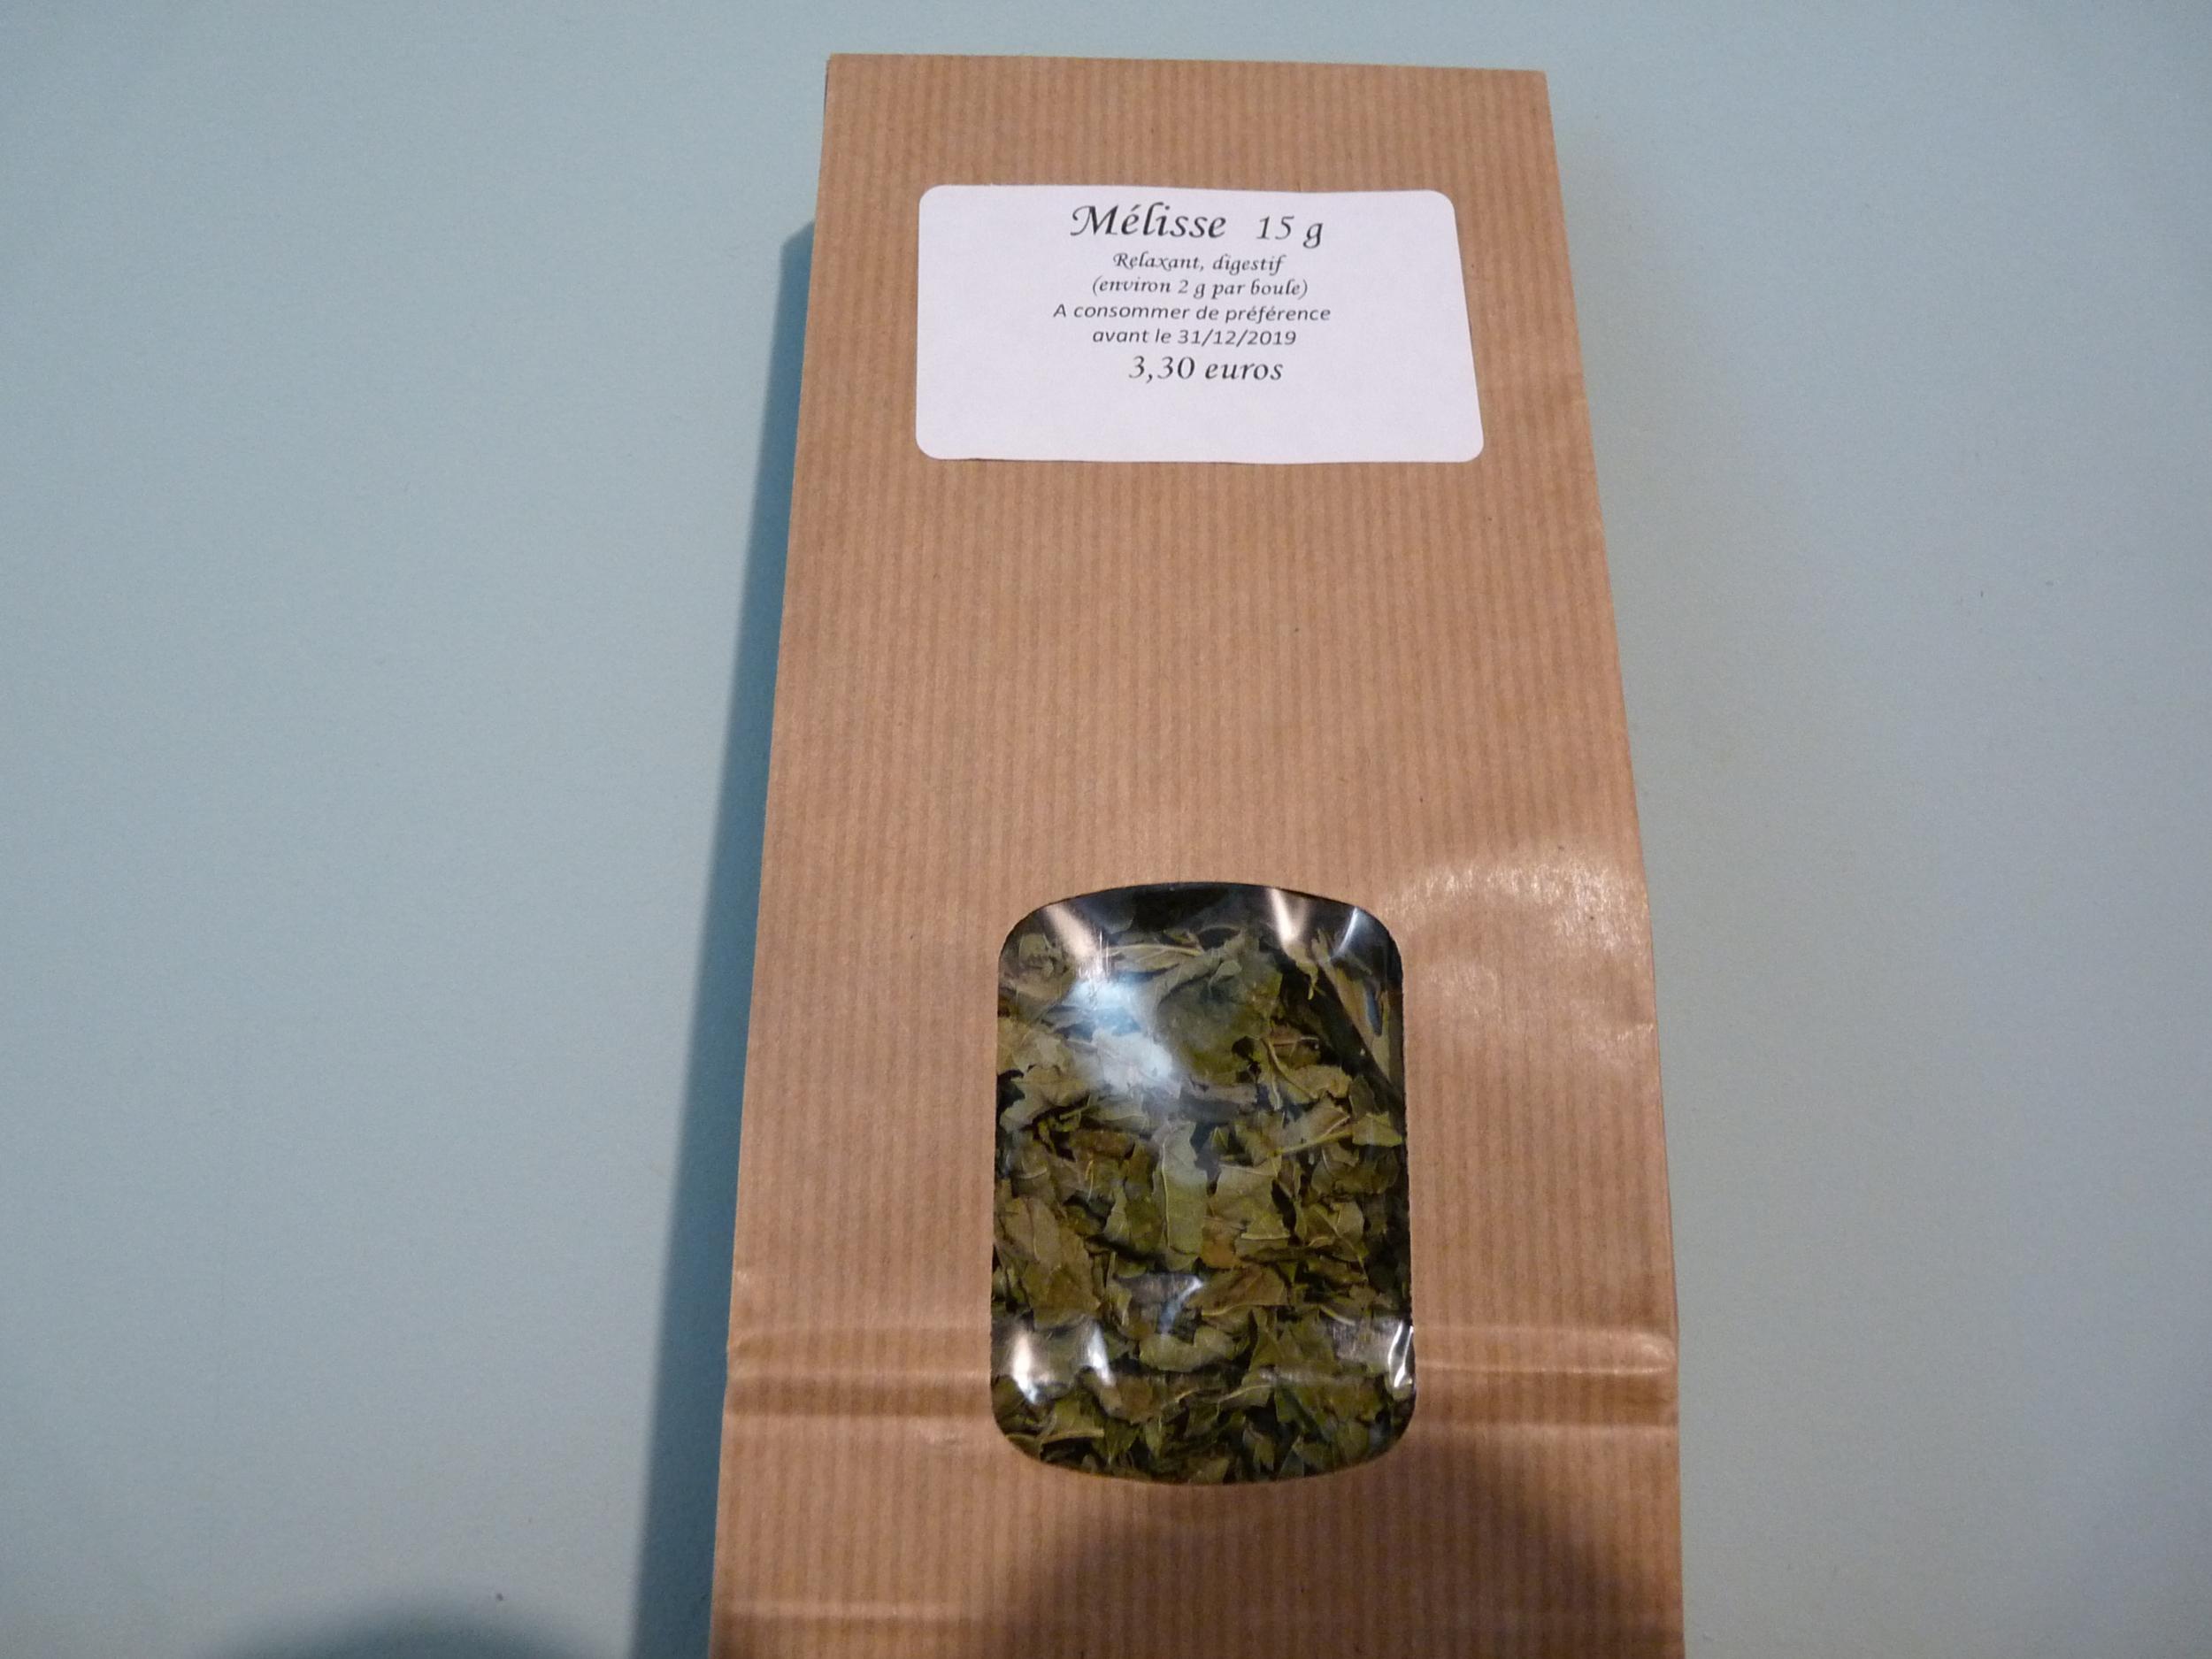 MELISSE 15 g